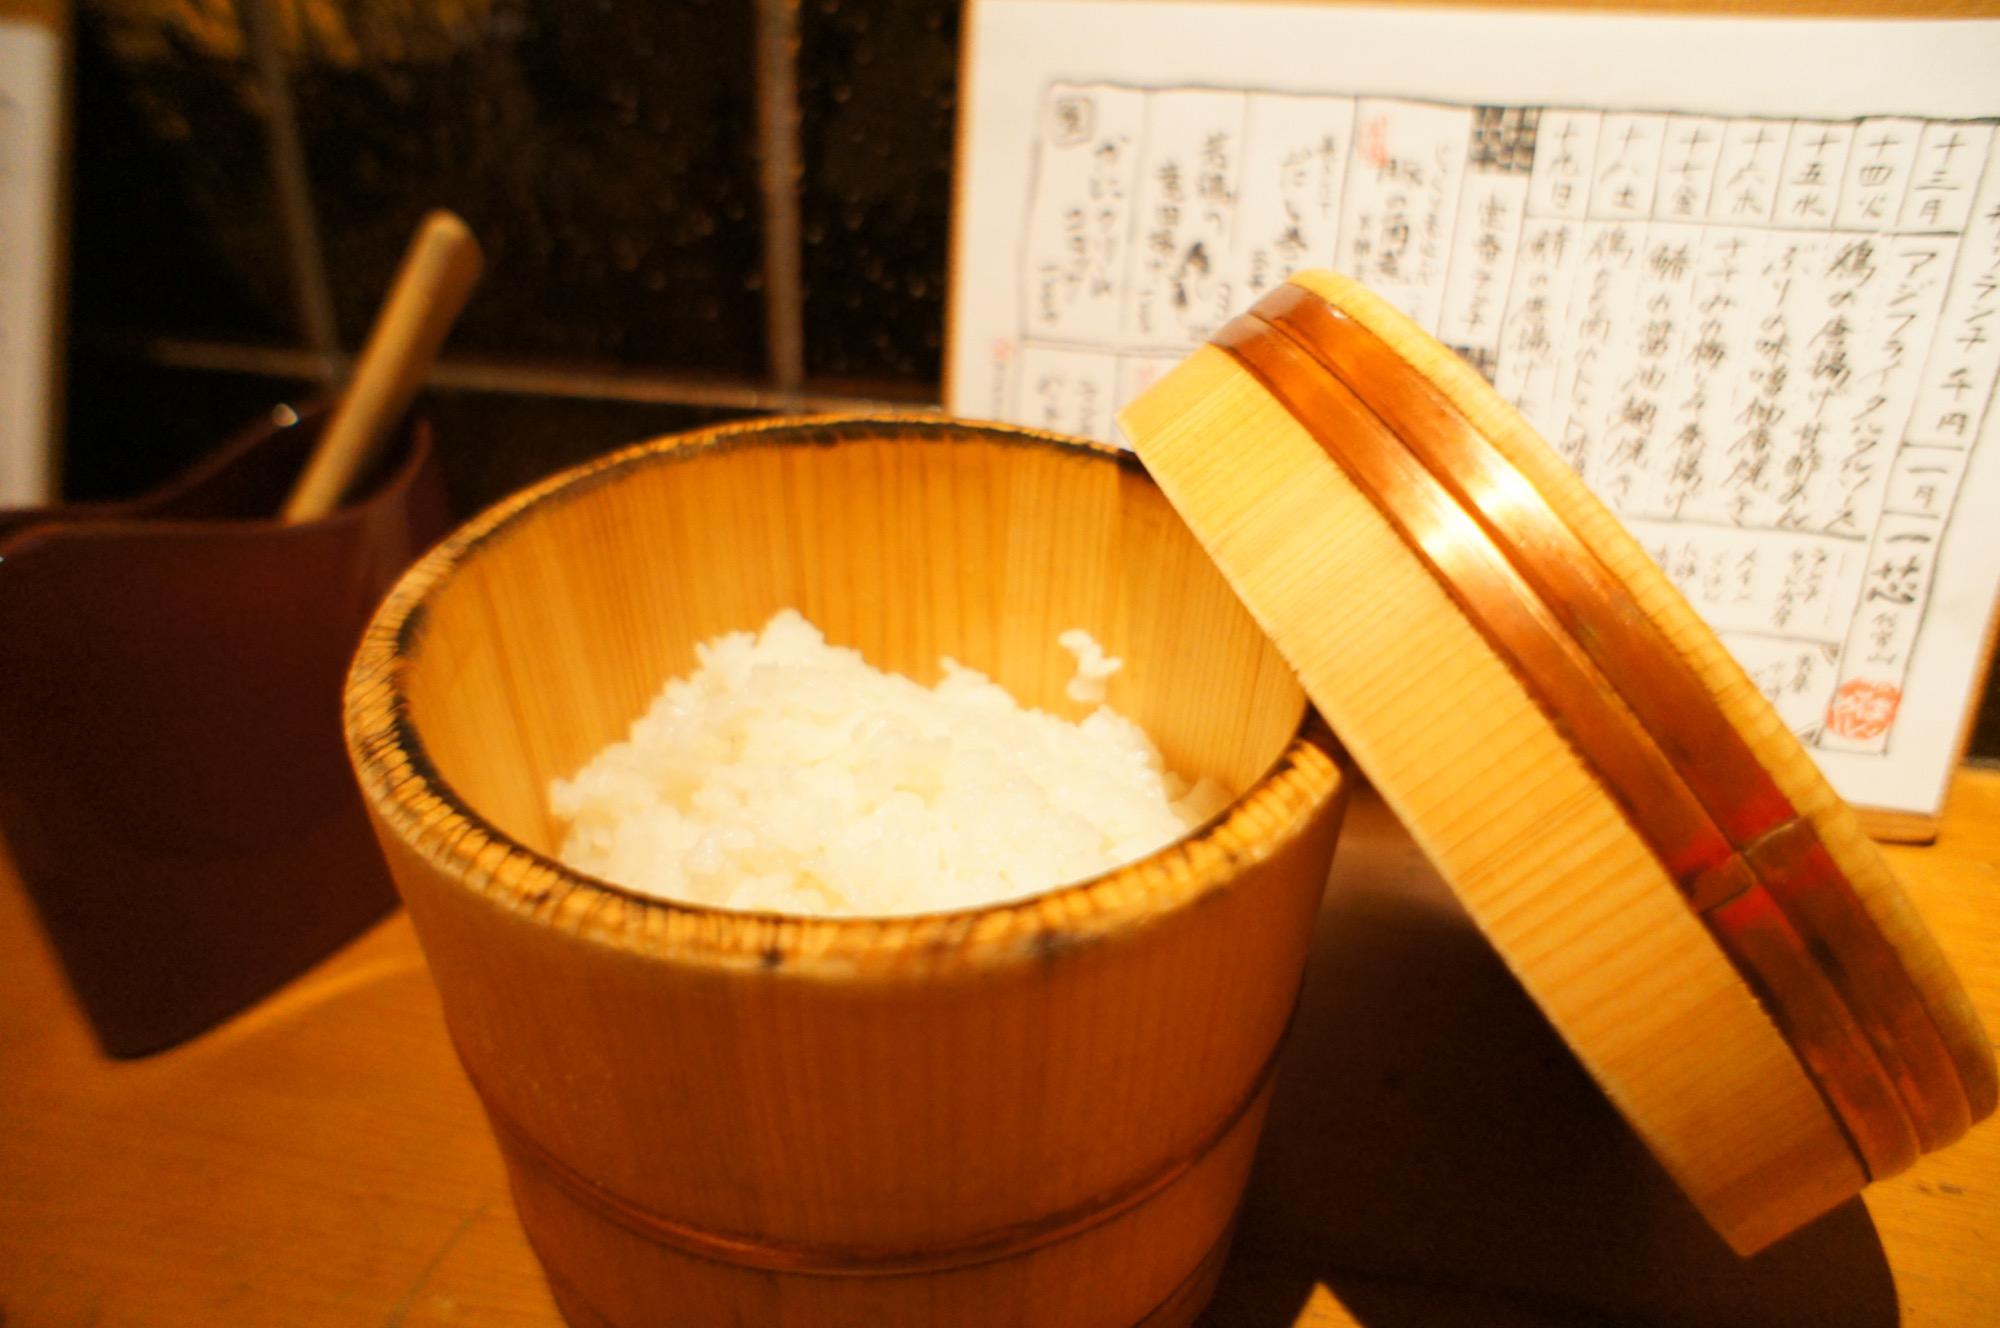 《ご当地MORE✩東京》行列必至!【代官山】の『ごはんや 一芯』で絶品和食ランチ❤️_6